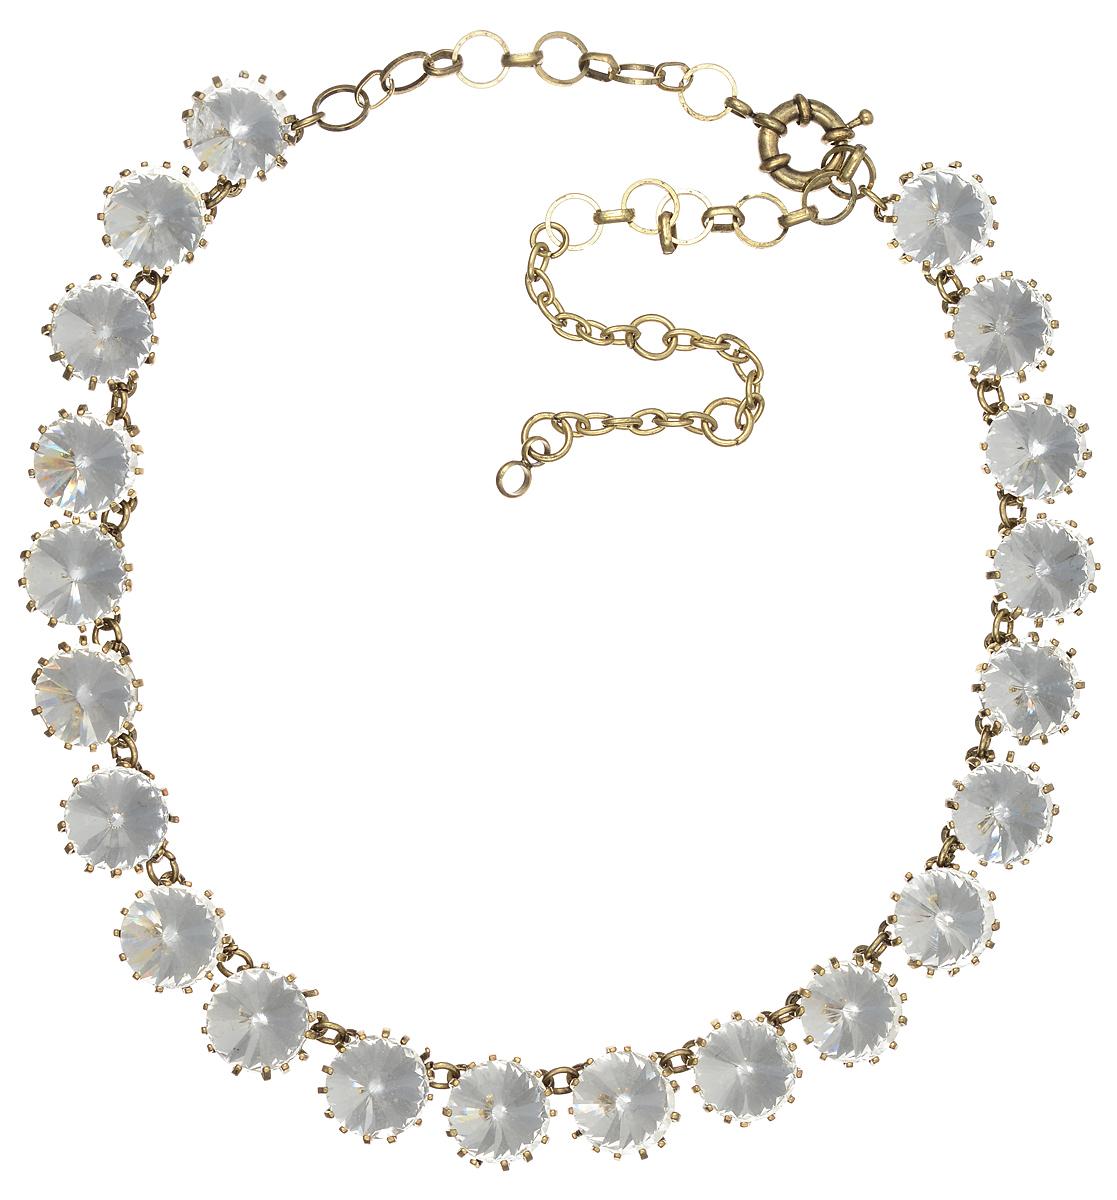 Ожерелье Taya, цвет: золотистый, белый. T-B-766539890|Колье (короткие одноярусные бусы)Элегантное ожерелье Taya выполнено из бижутерийного сплава. Изделие оформлено стразами из стекла.Ожерелье застегивается на практичный замок-карабин, длина изделия регулируется за счет дополнительных звеньев.Ожерелье Taya выгодно подчеркнет изящество, женственность и красоту своей обладательницы.